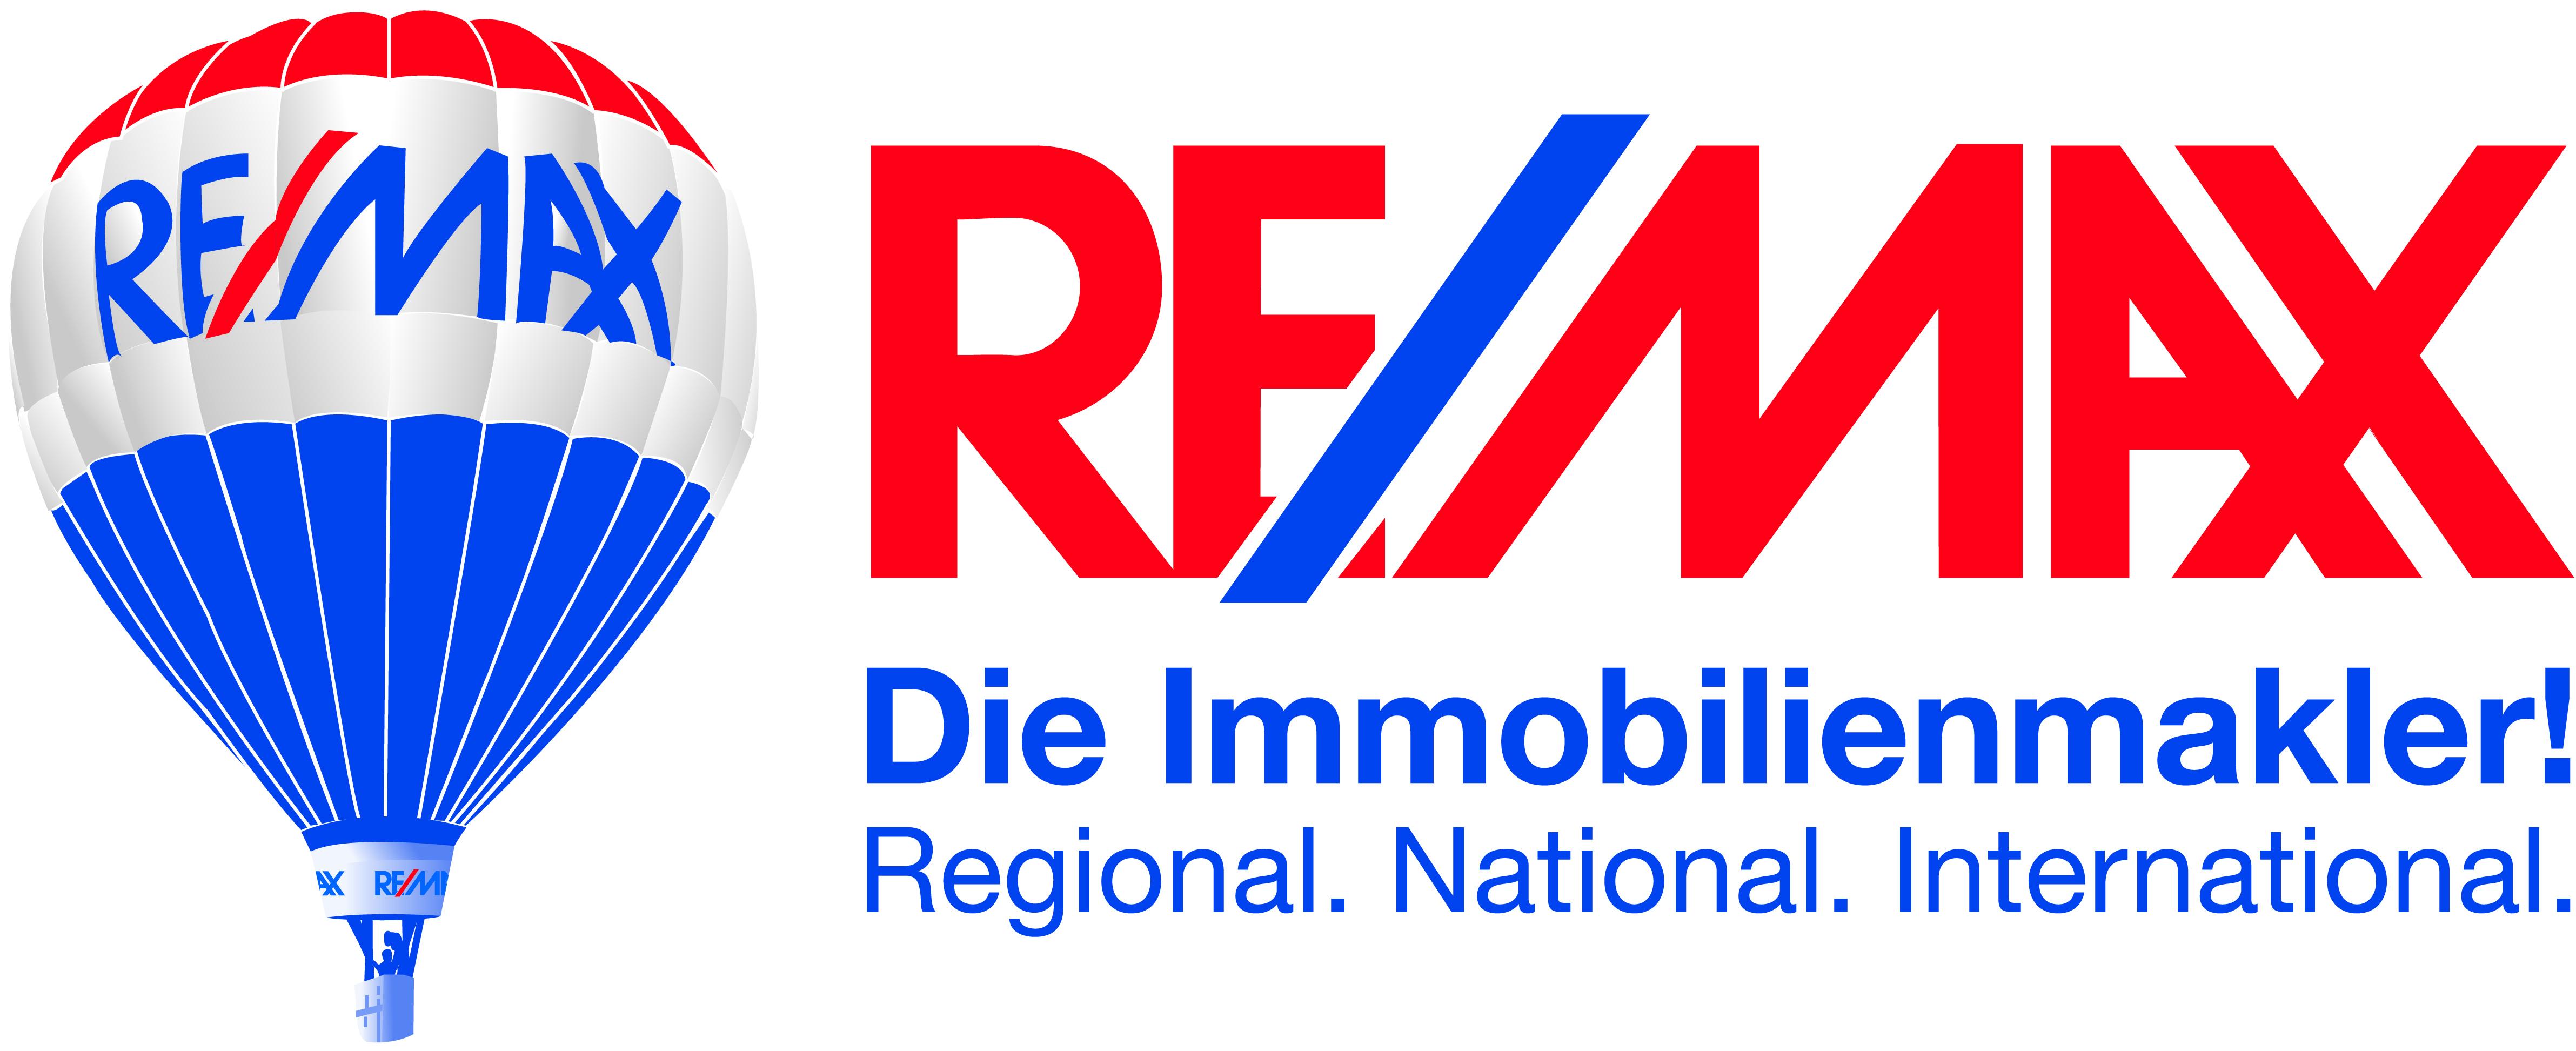 Hier sehen Sie das Logo von RE/MAX Stein & Ansbach